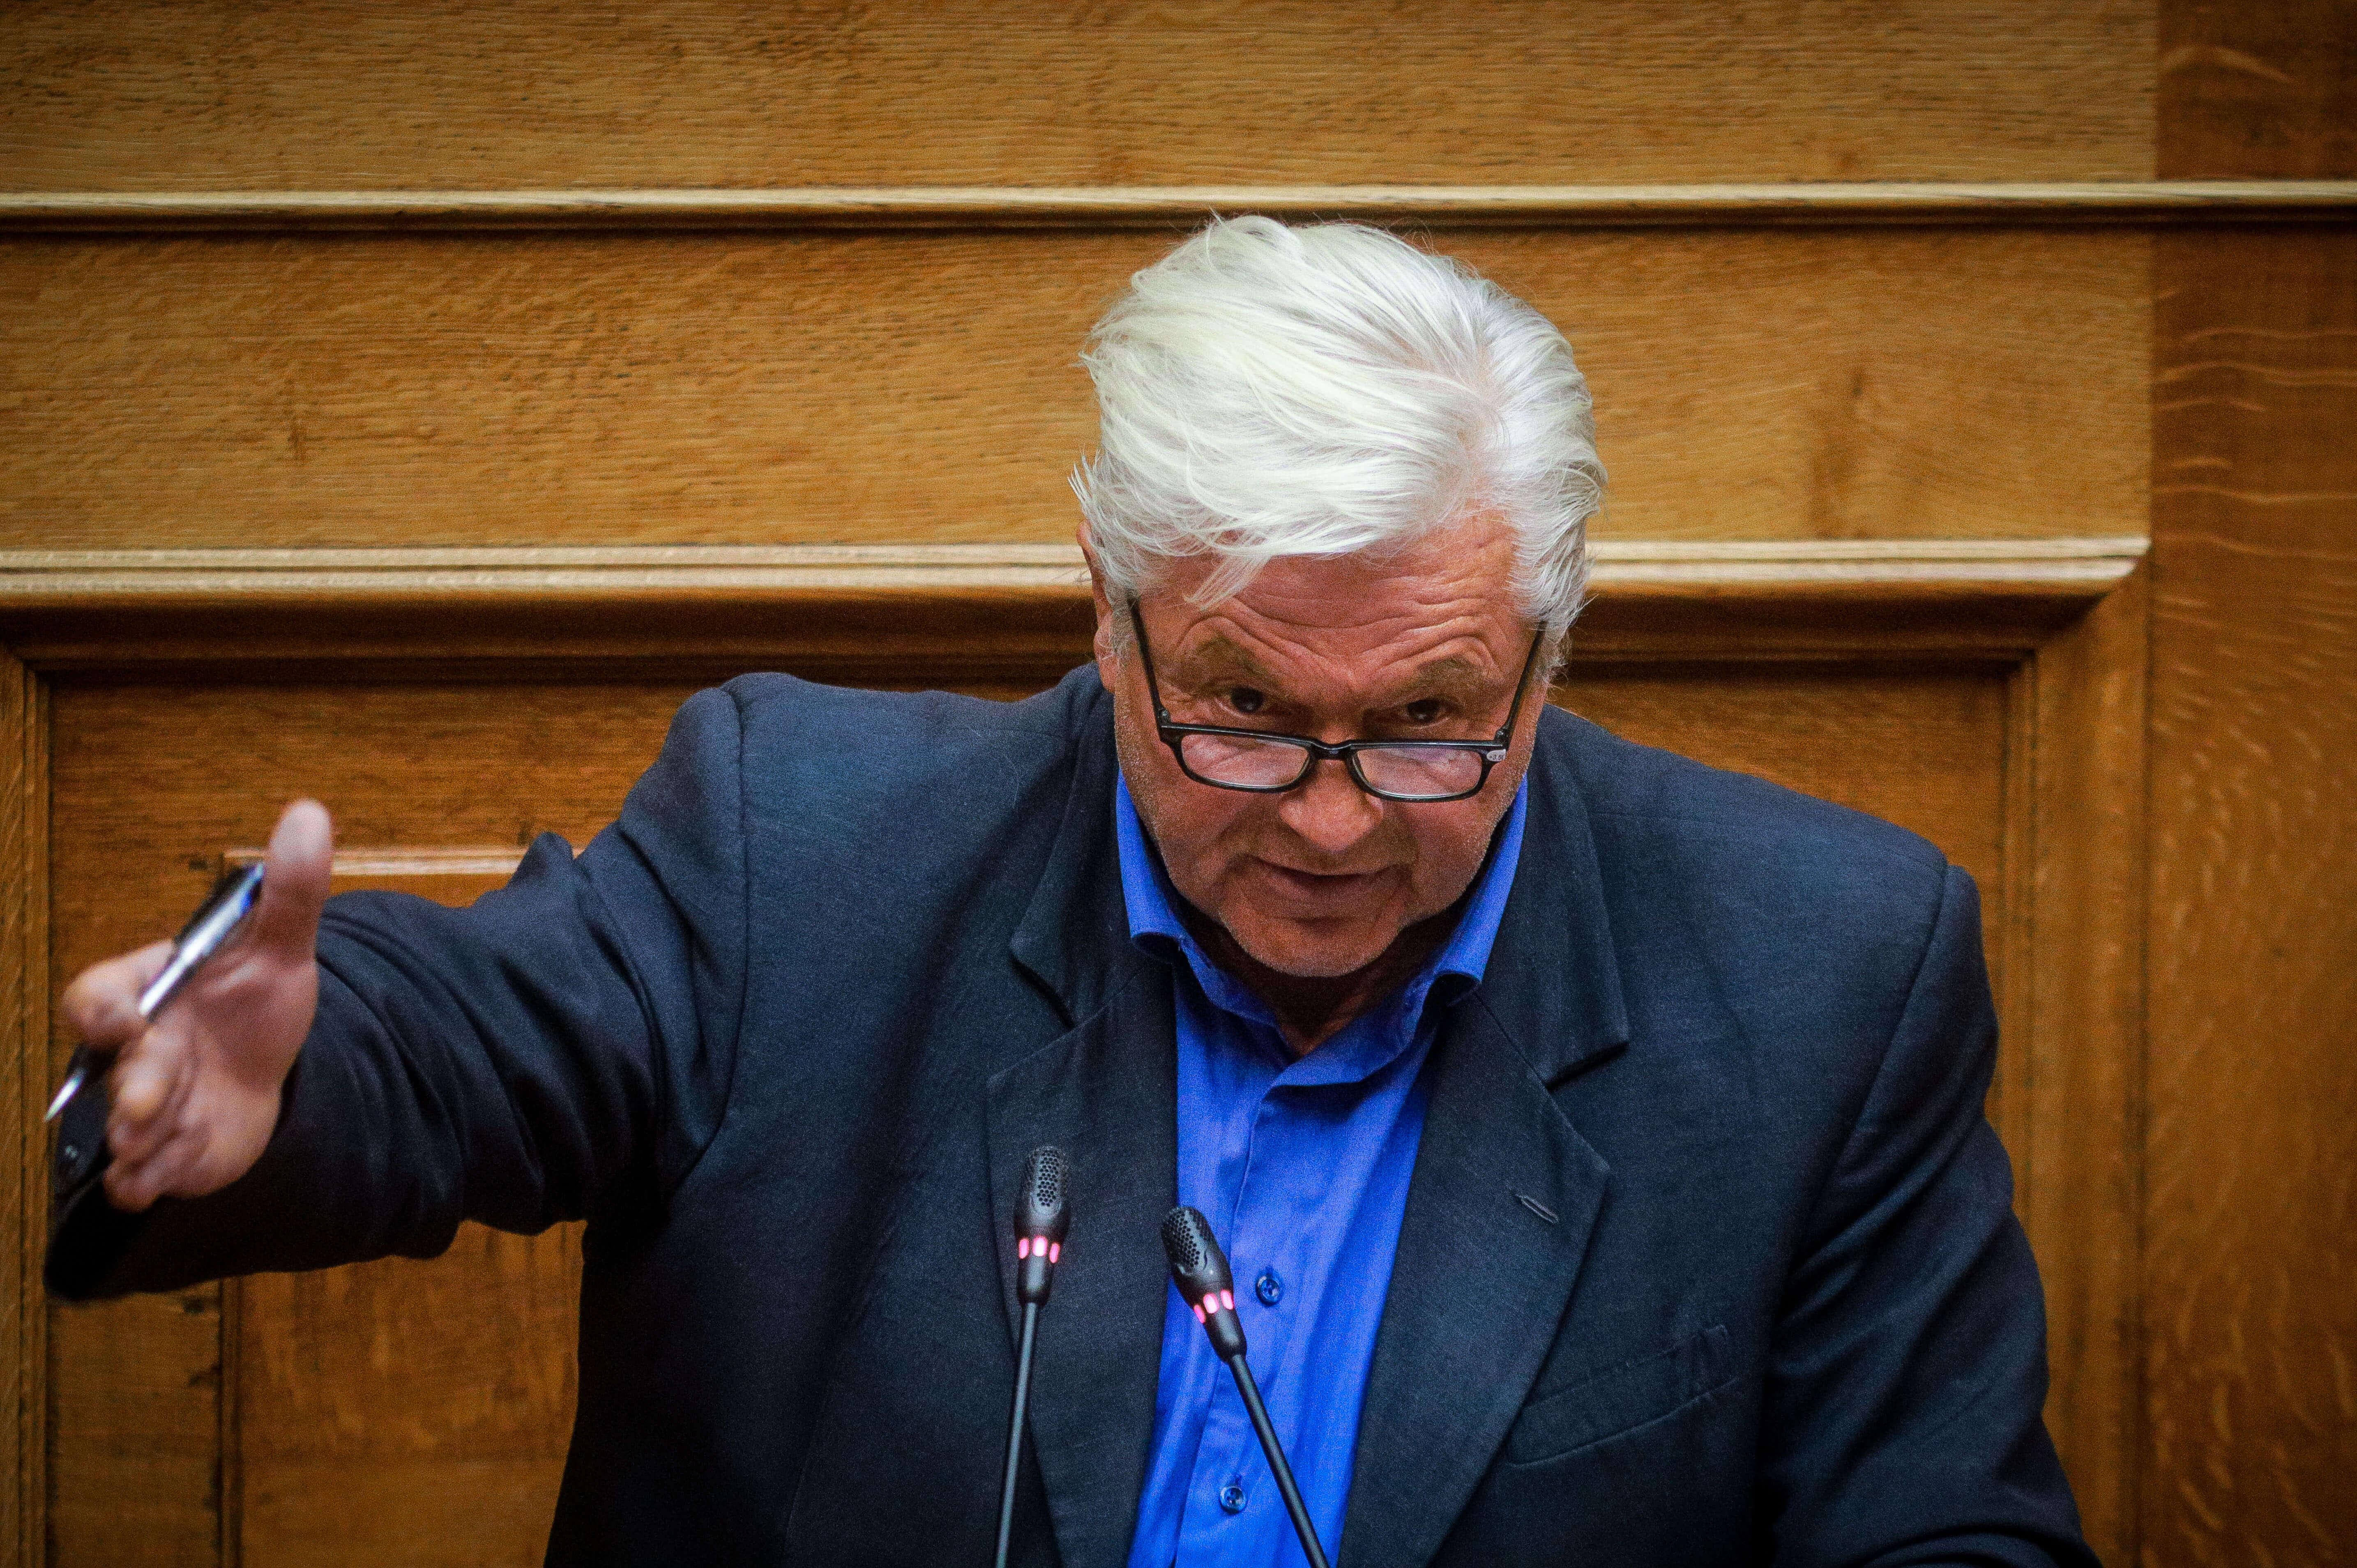 Στο γραφείο του Προέδρου της Βουλής ο Θανάσης Παπαχριστόπουλος για να υποβάλλει την παραίτησή του